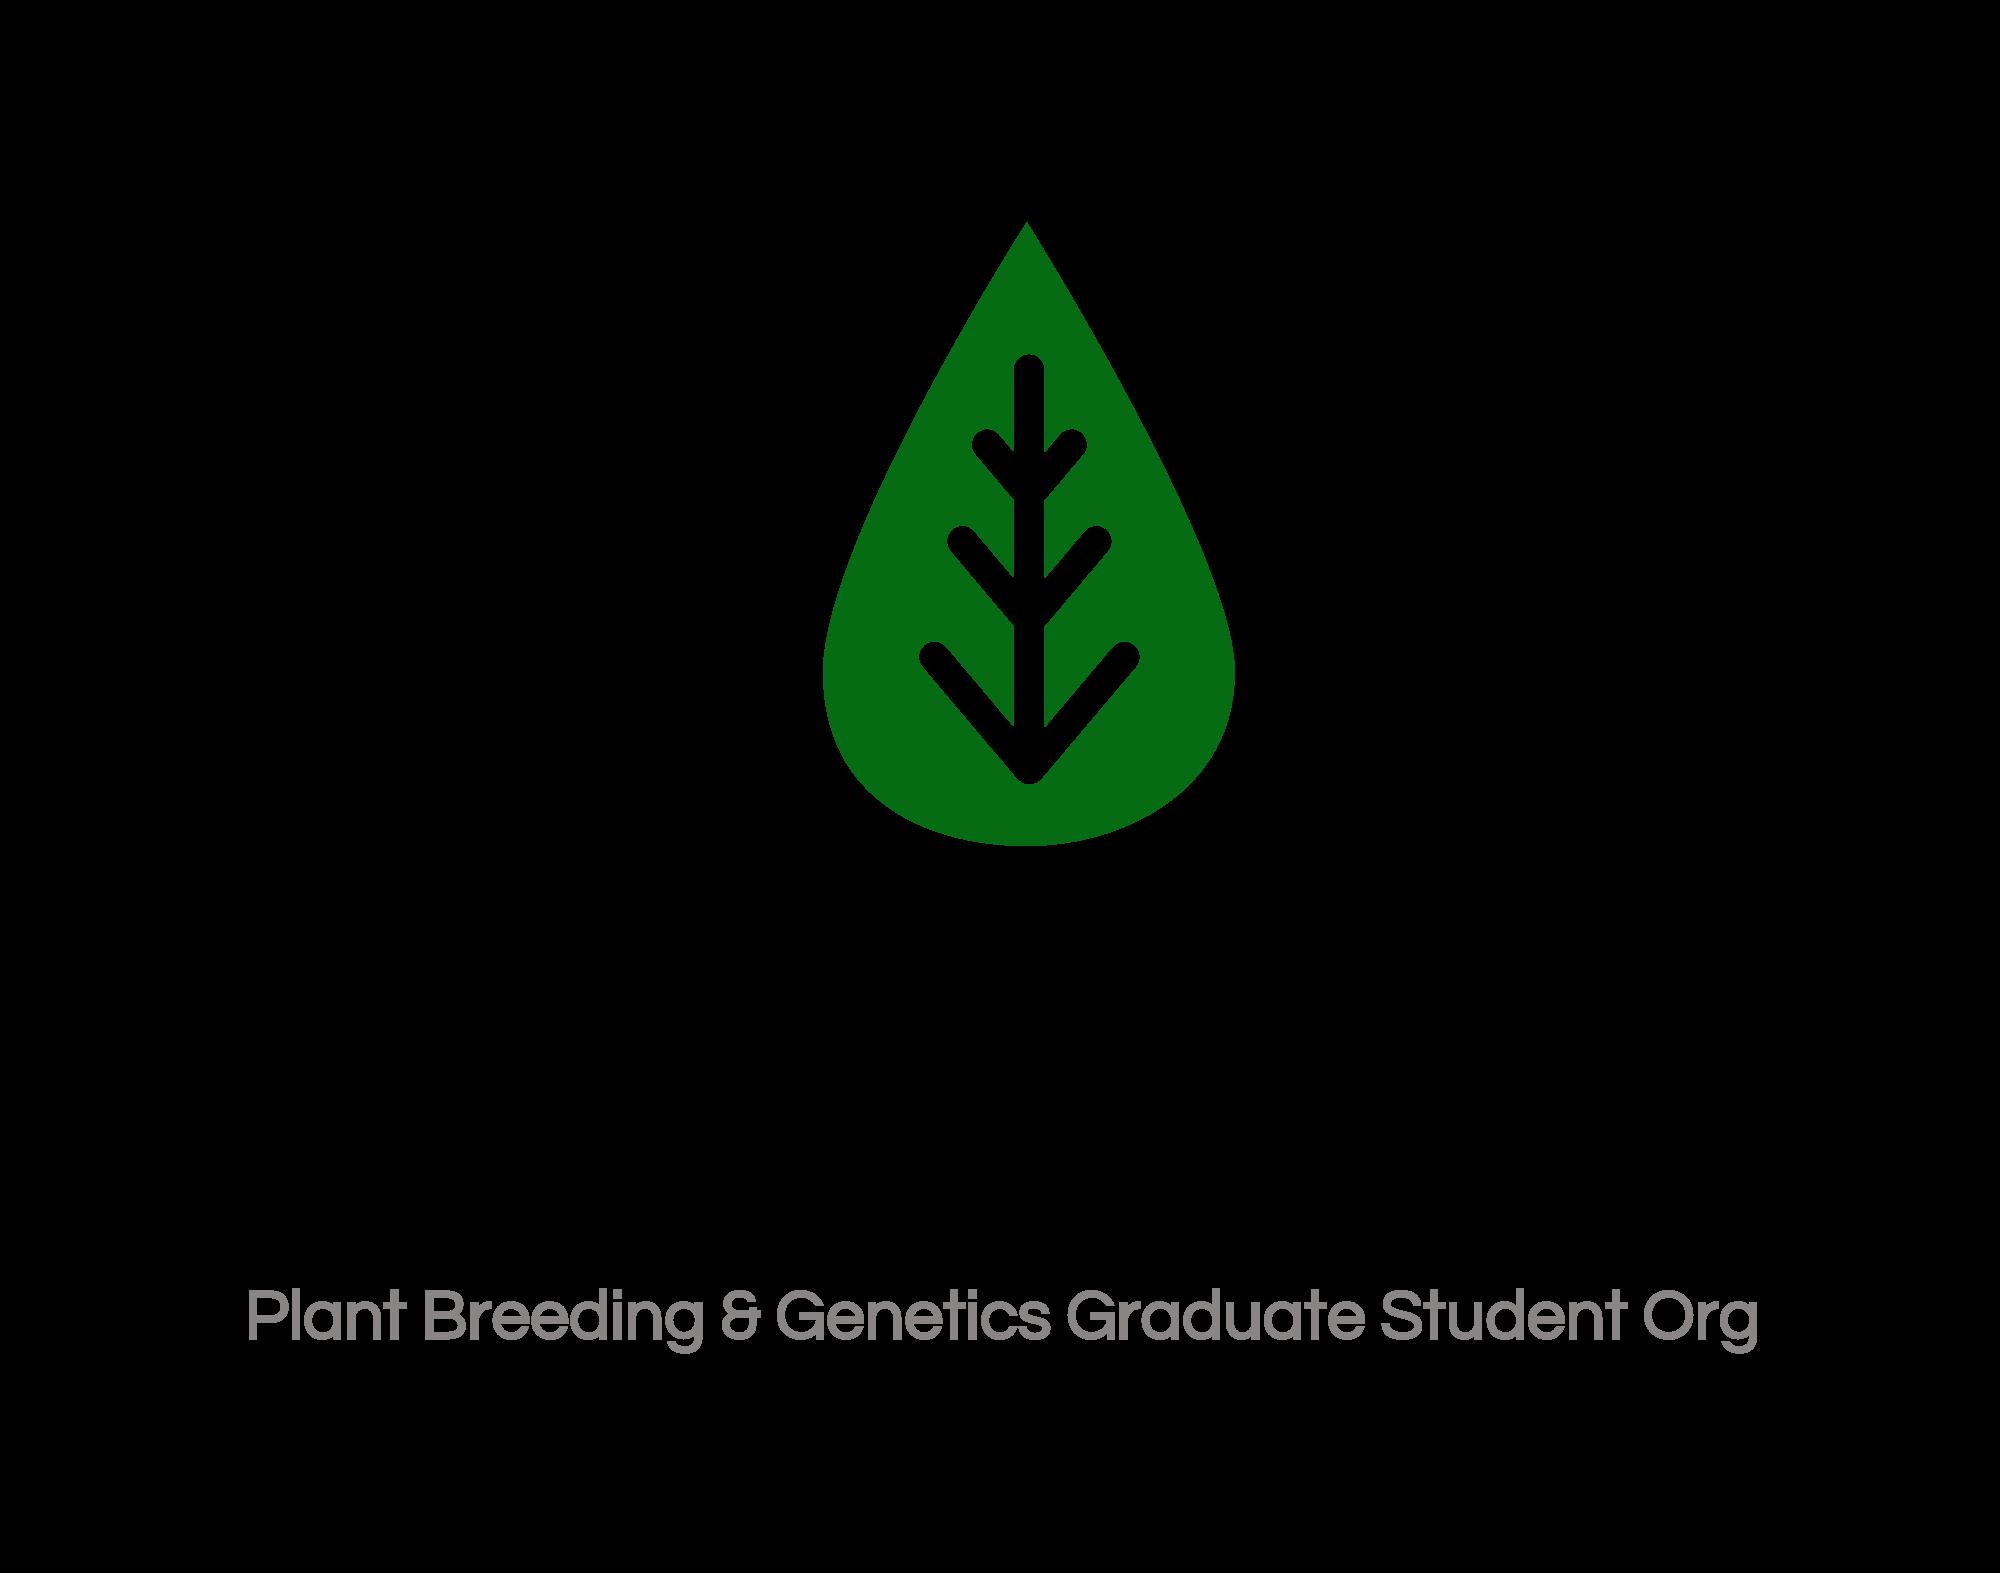 PBGGSO-logo.png